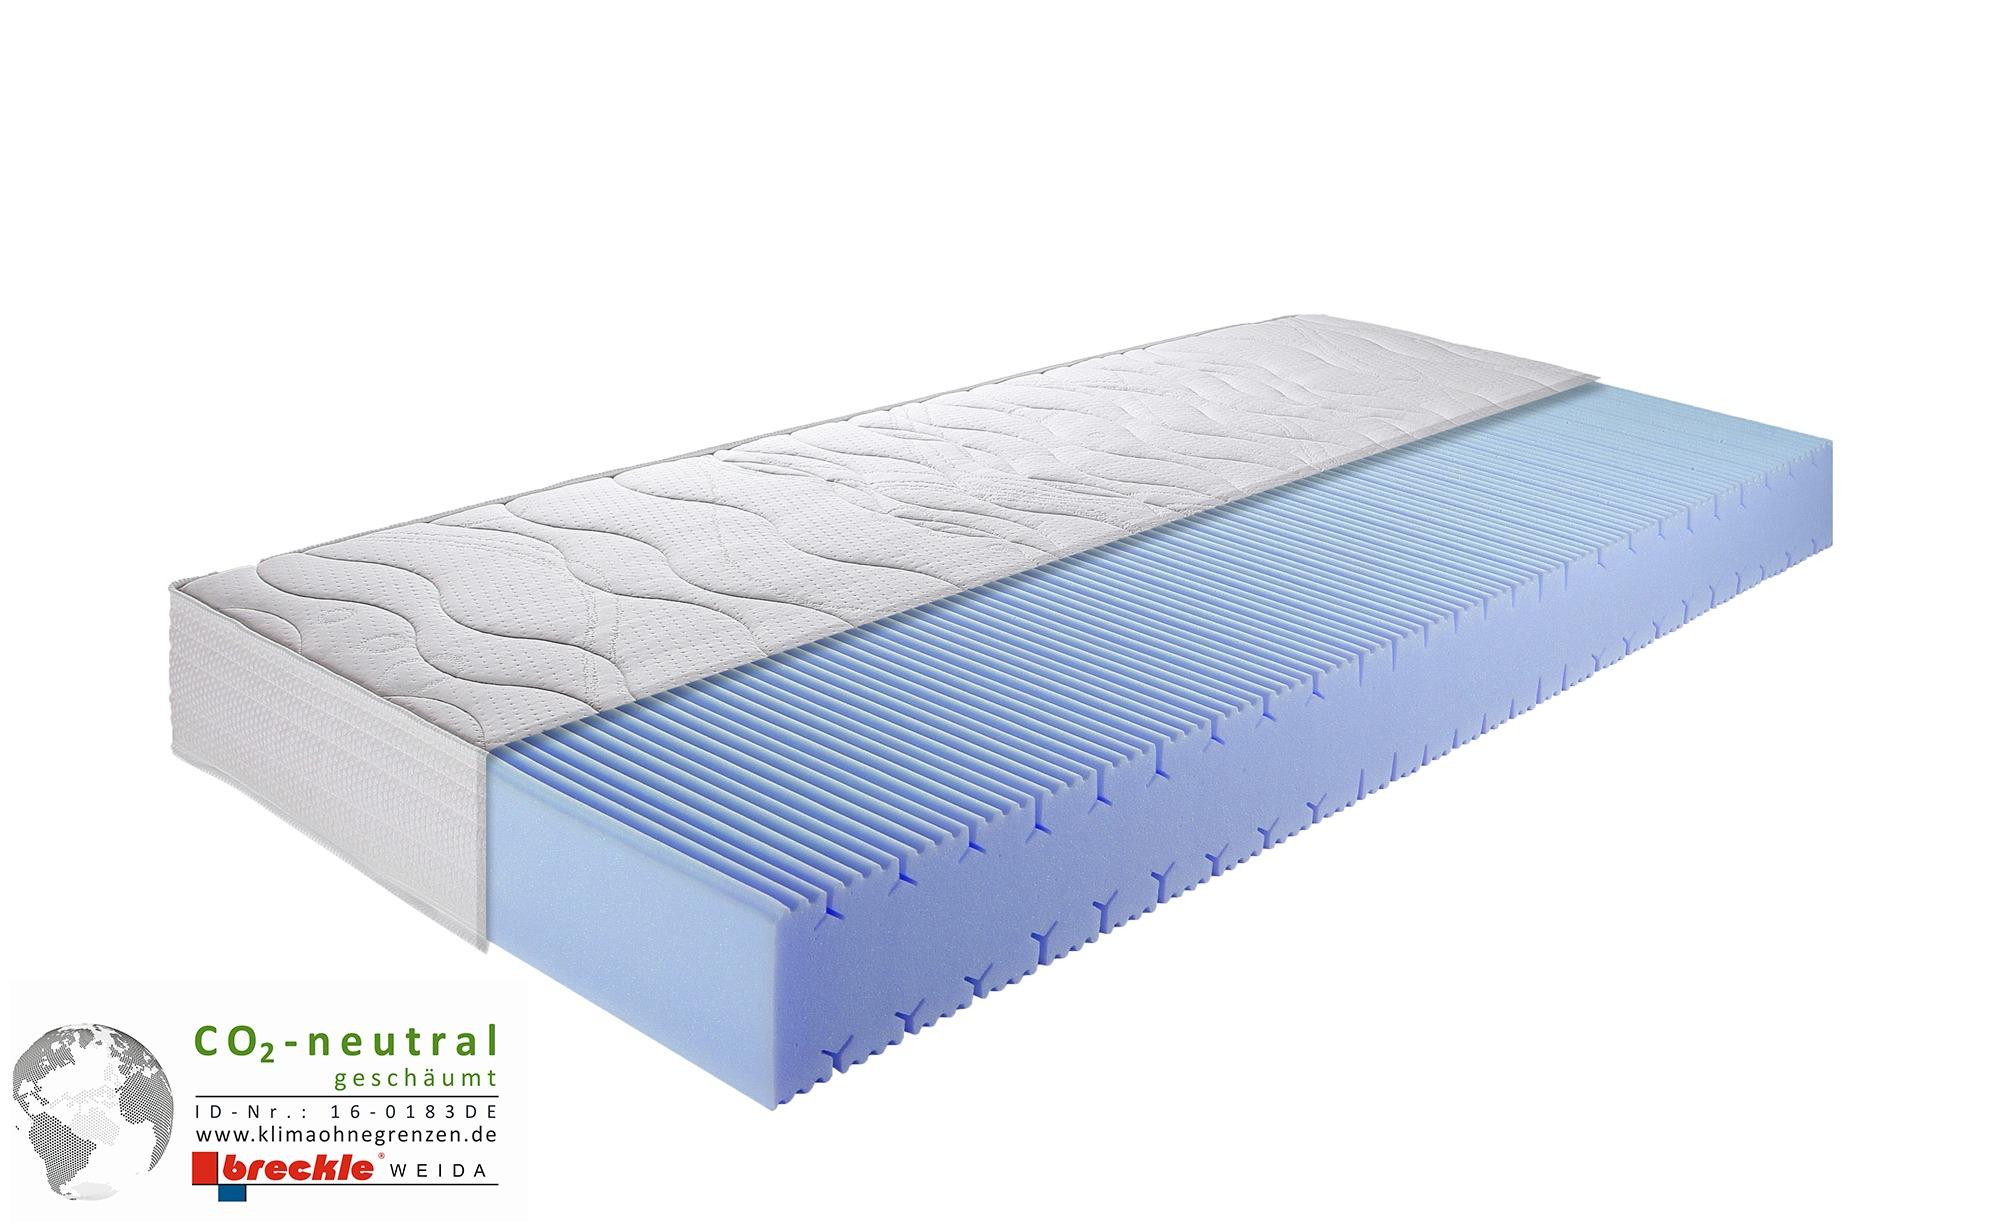 7-Zonen-Kaltschaummatratze  Cozy Fresh - weiß - 100 cm - 20 cm - 200 cm - S günstig online kaufen